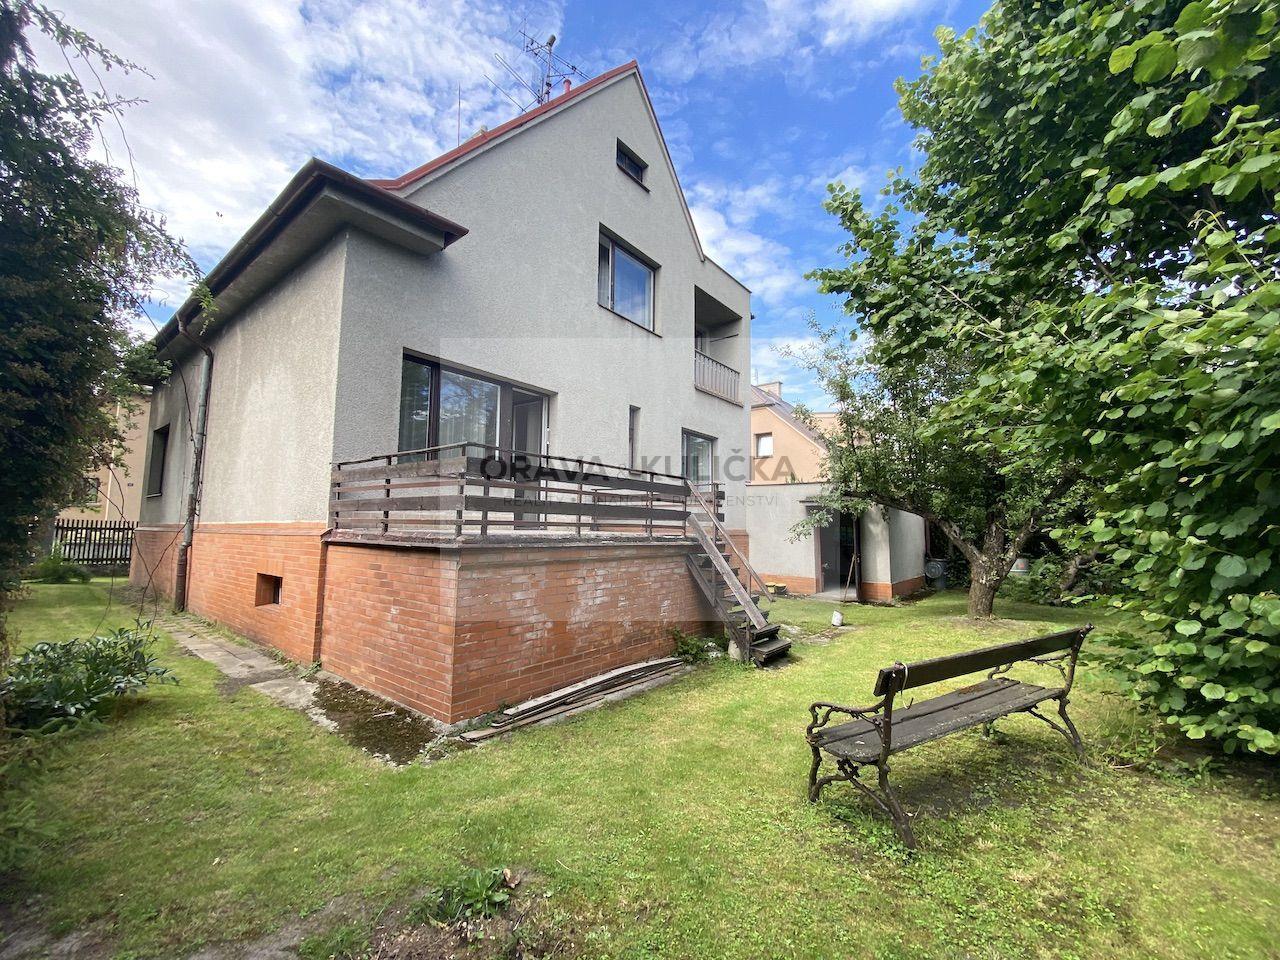 RD 5+2, Pospolitá, Ostrava - Zábřeh, 690 m2